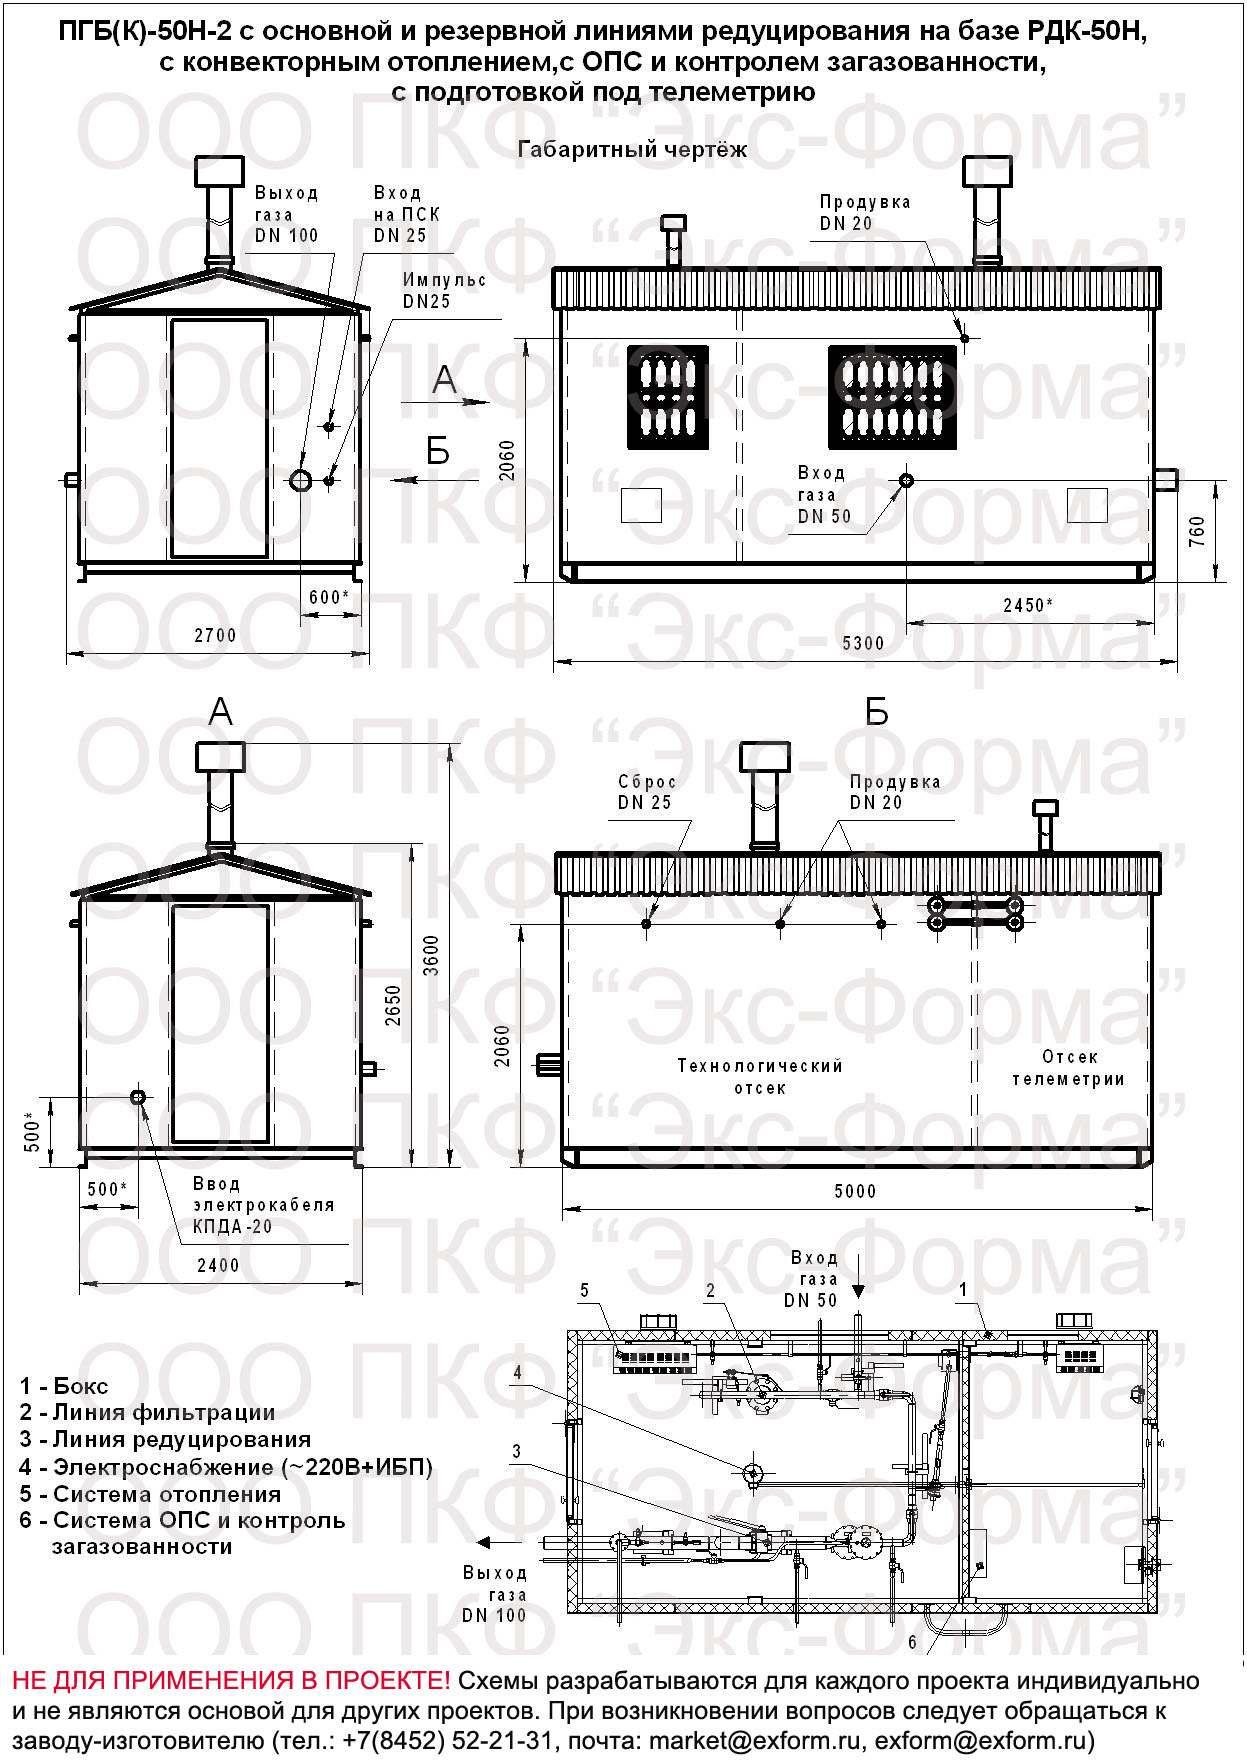 габаритная схема ПГБ(К)-50Н-2